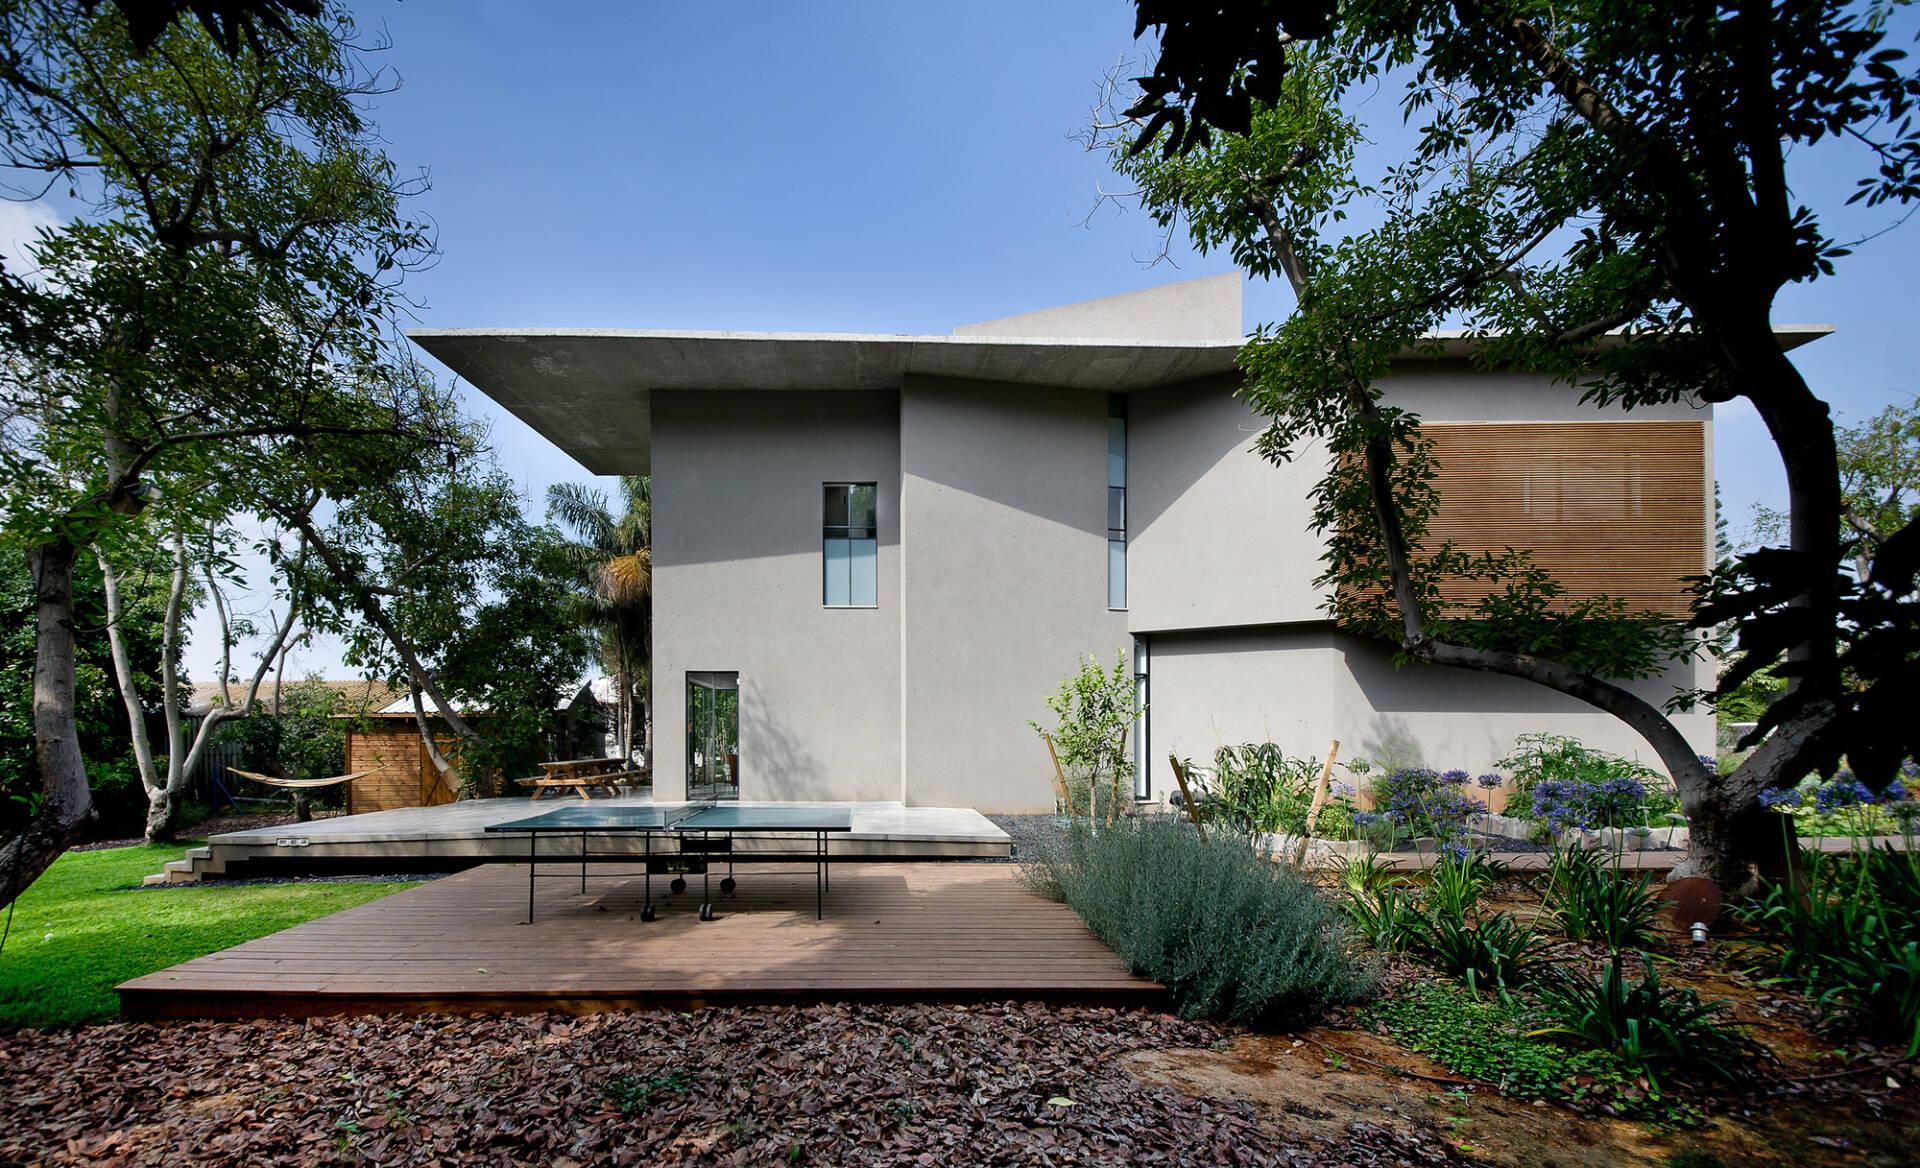 Cải tạo nhà 2 tầng với thiết kế hiện đại, tối giản, xung quanh là hàng cây xanh tươi mát